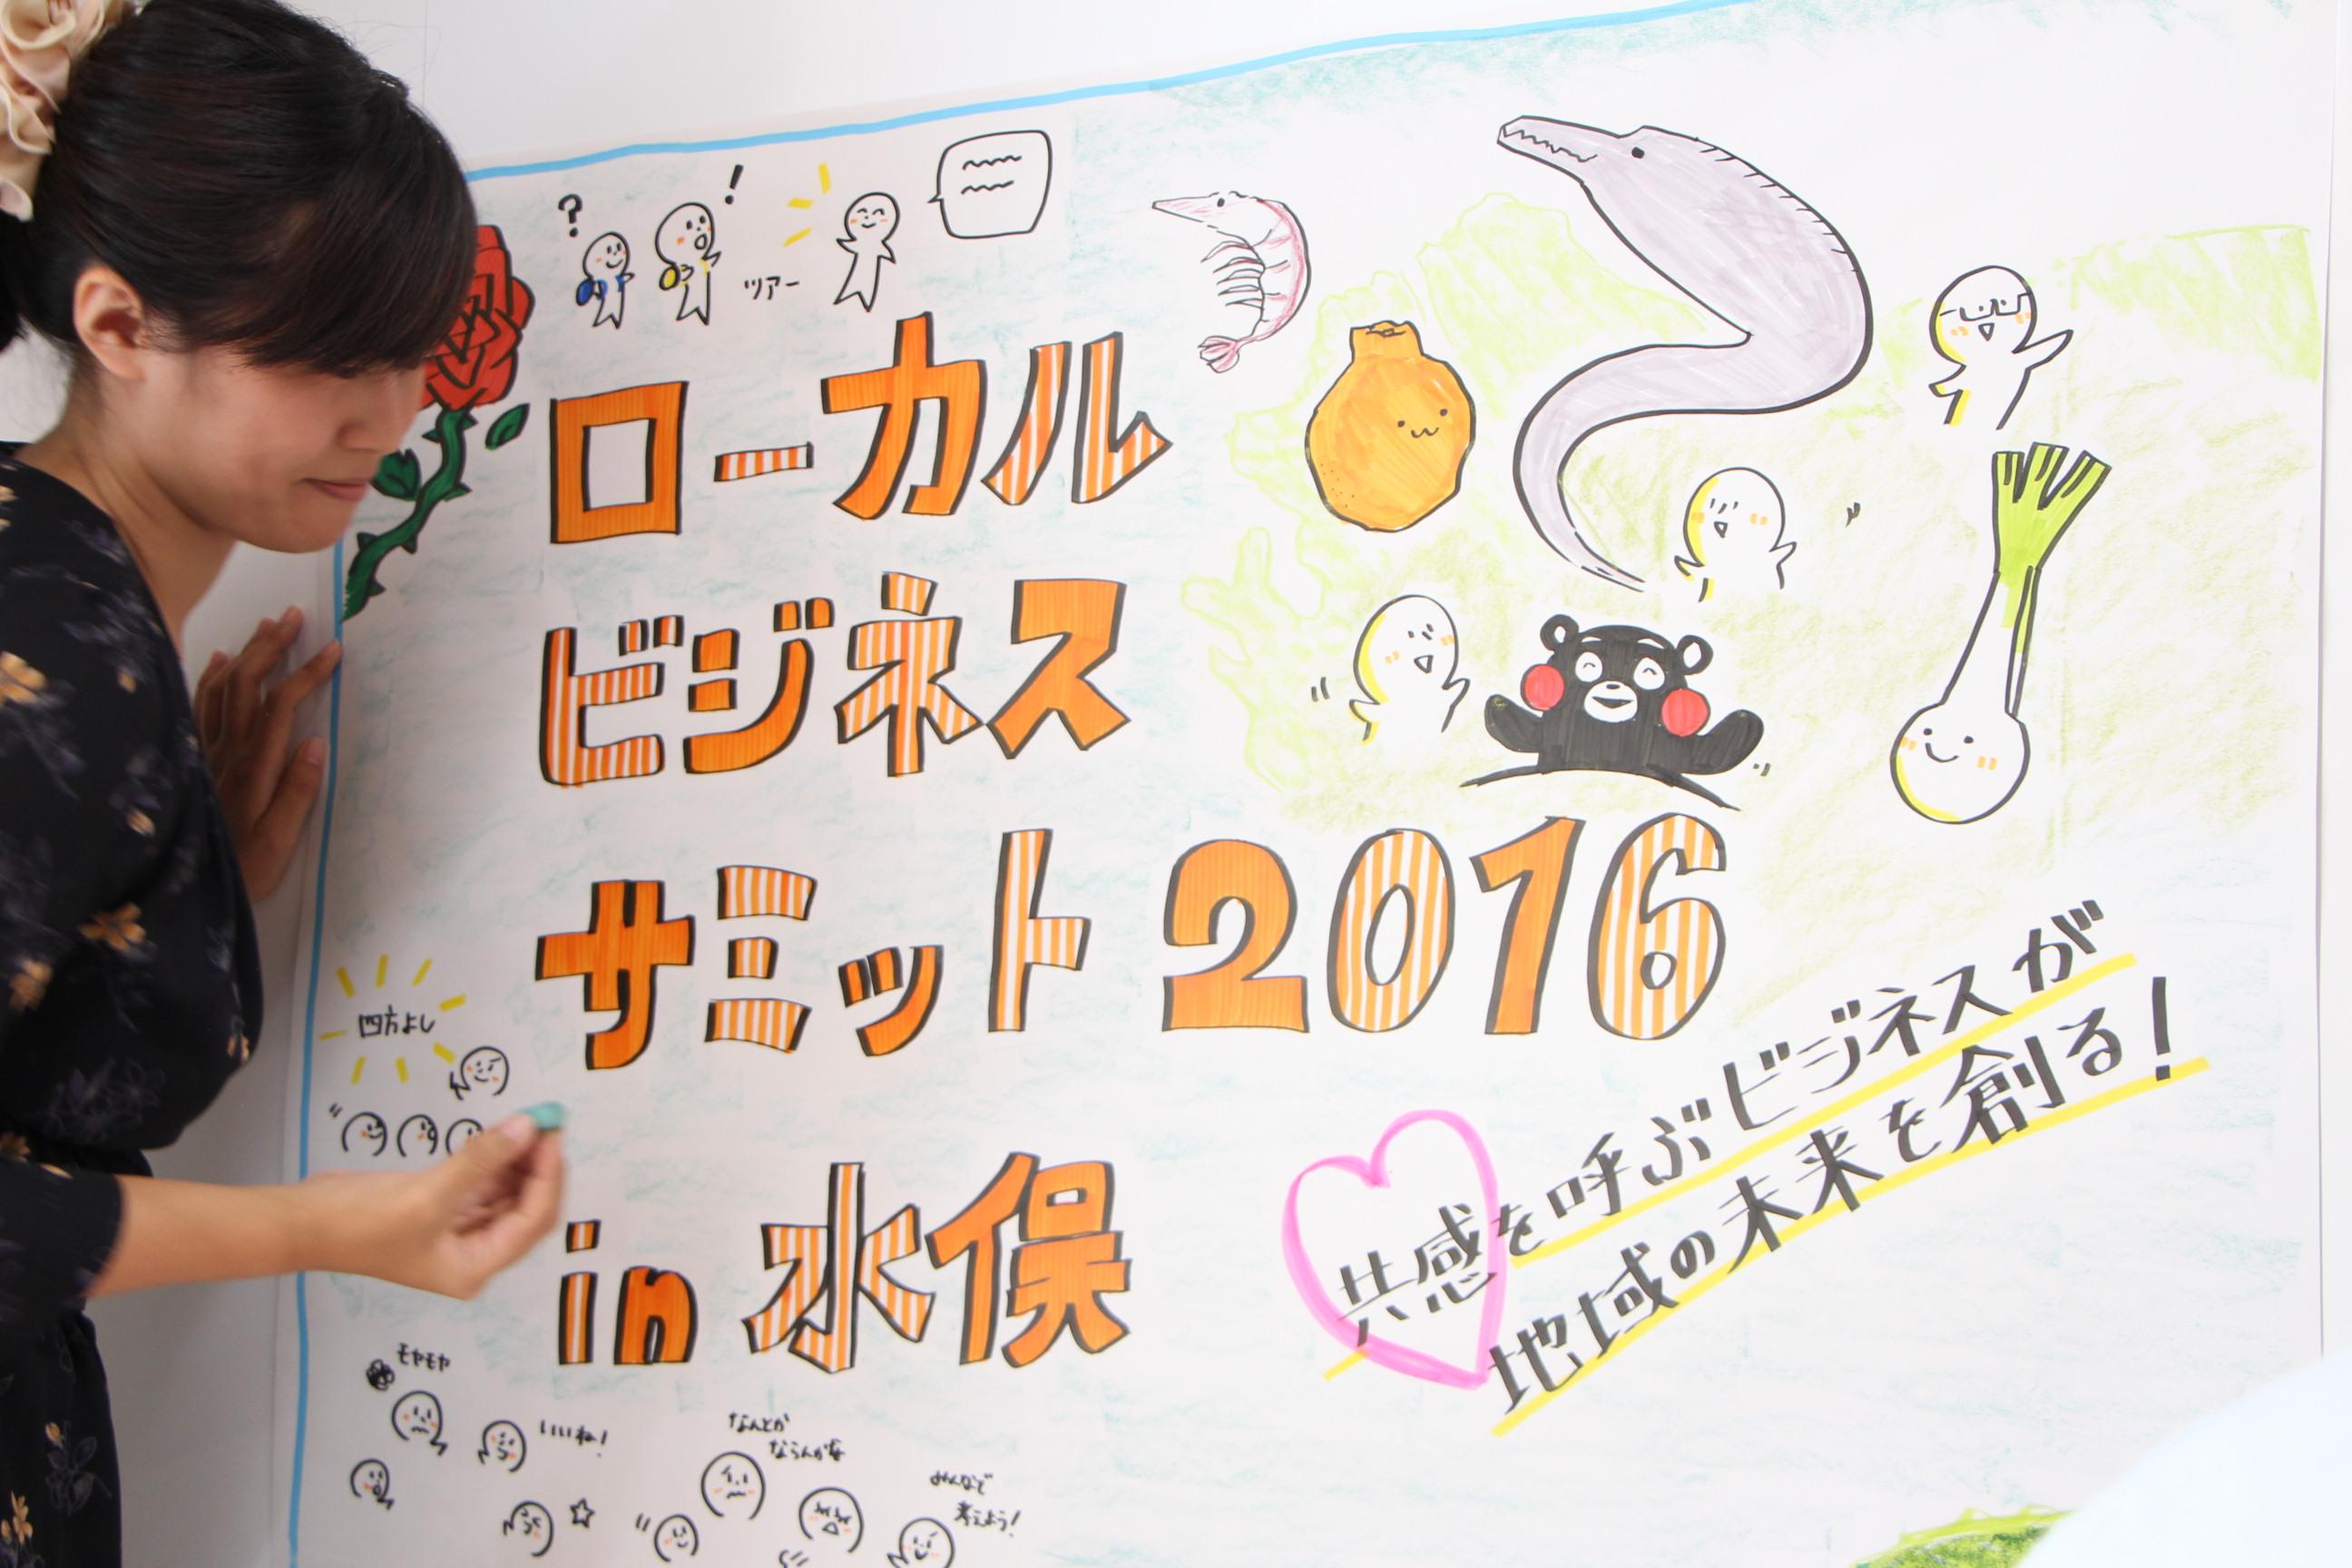 「ローカル・ビジネス・サミット2016 in水俣」レポート